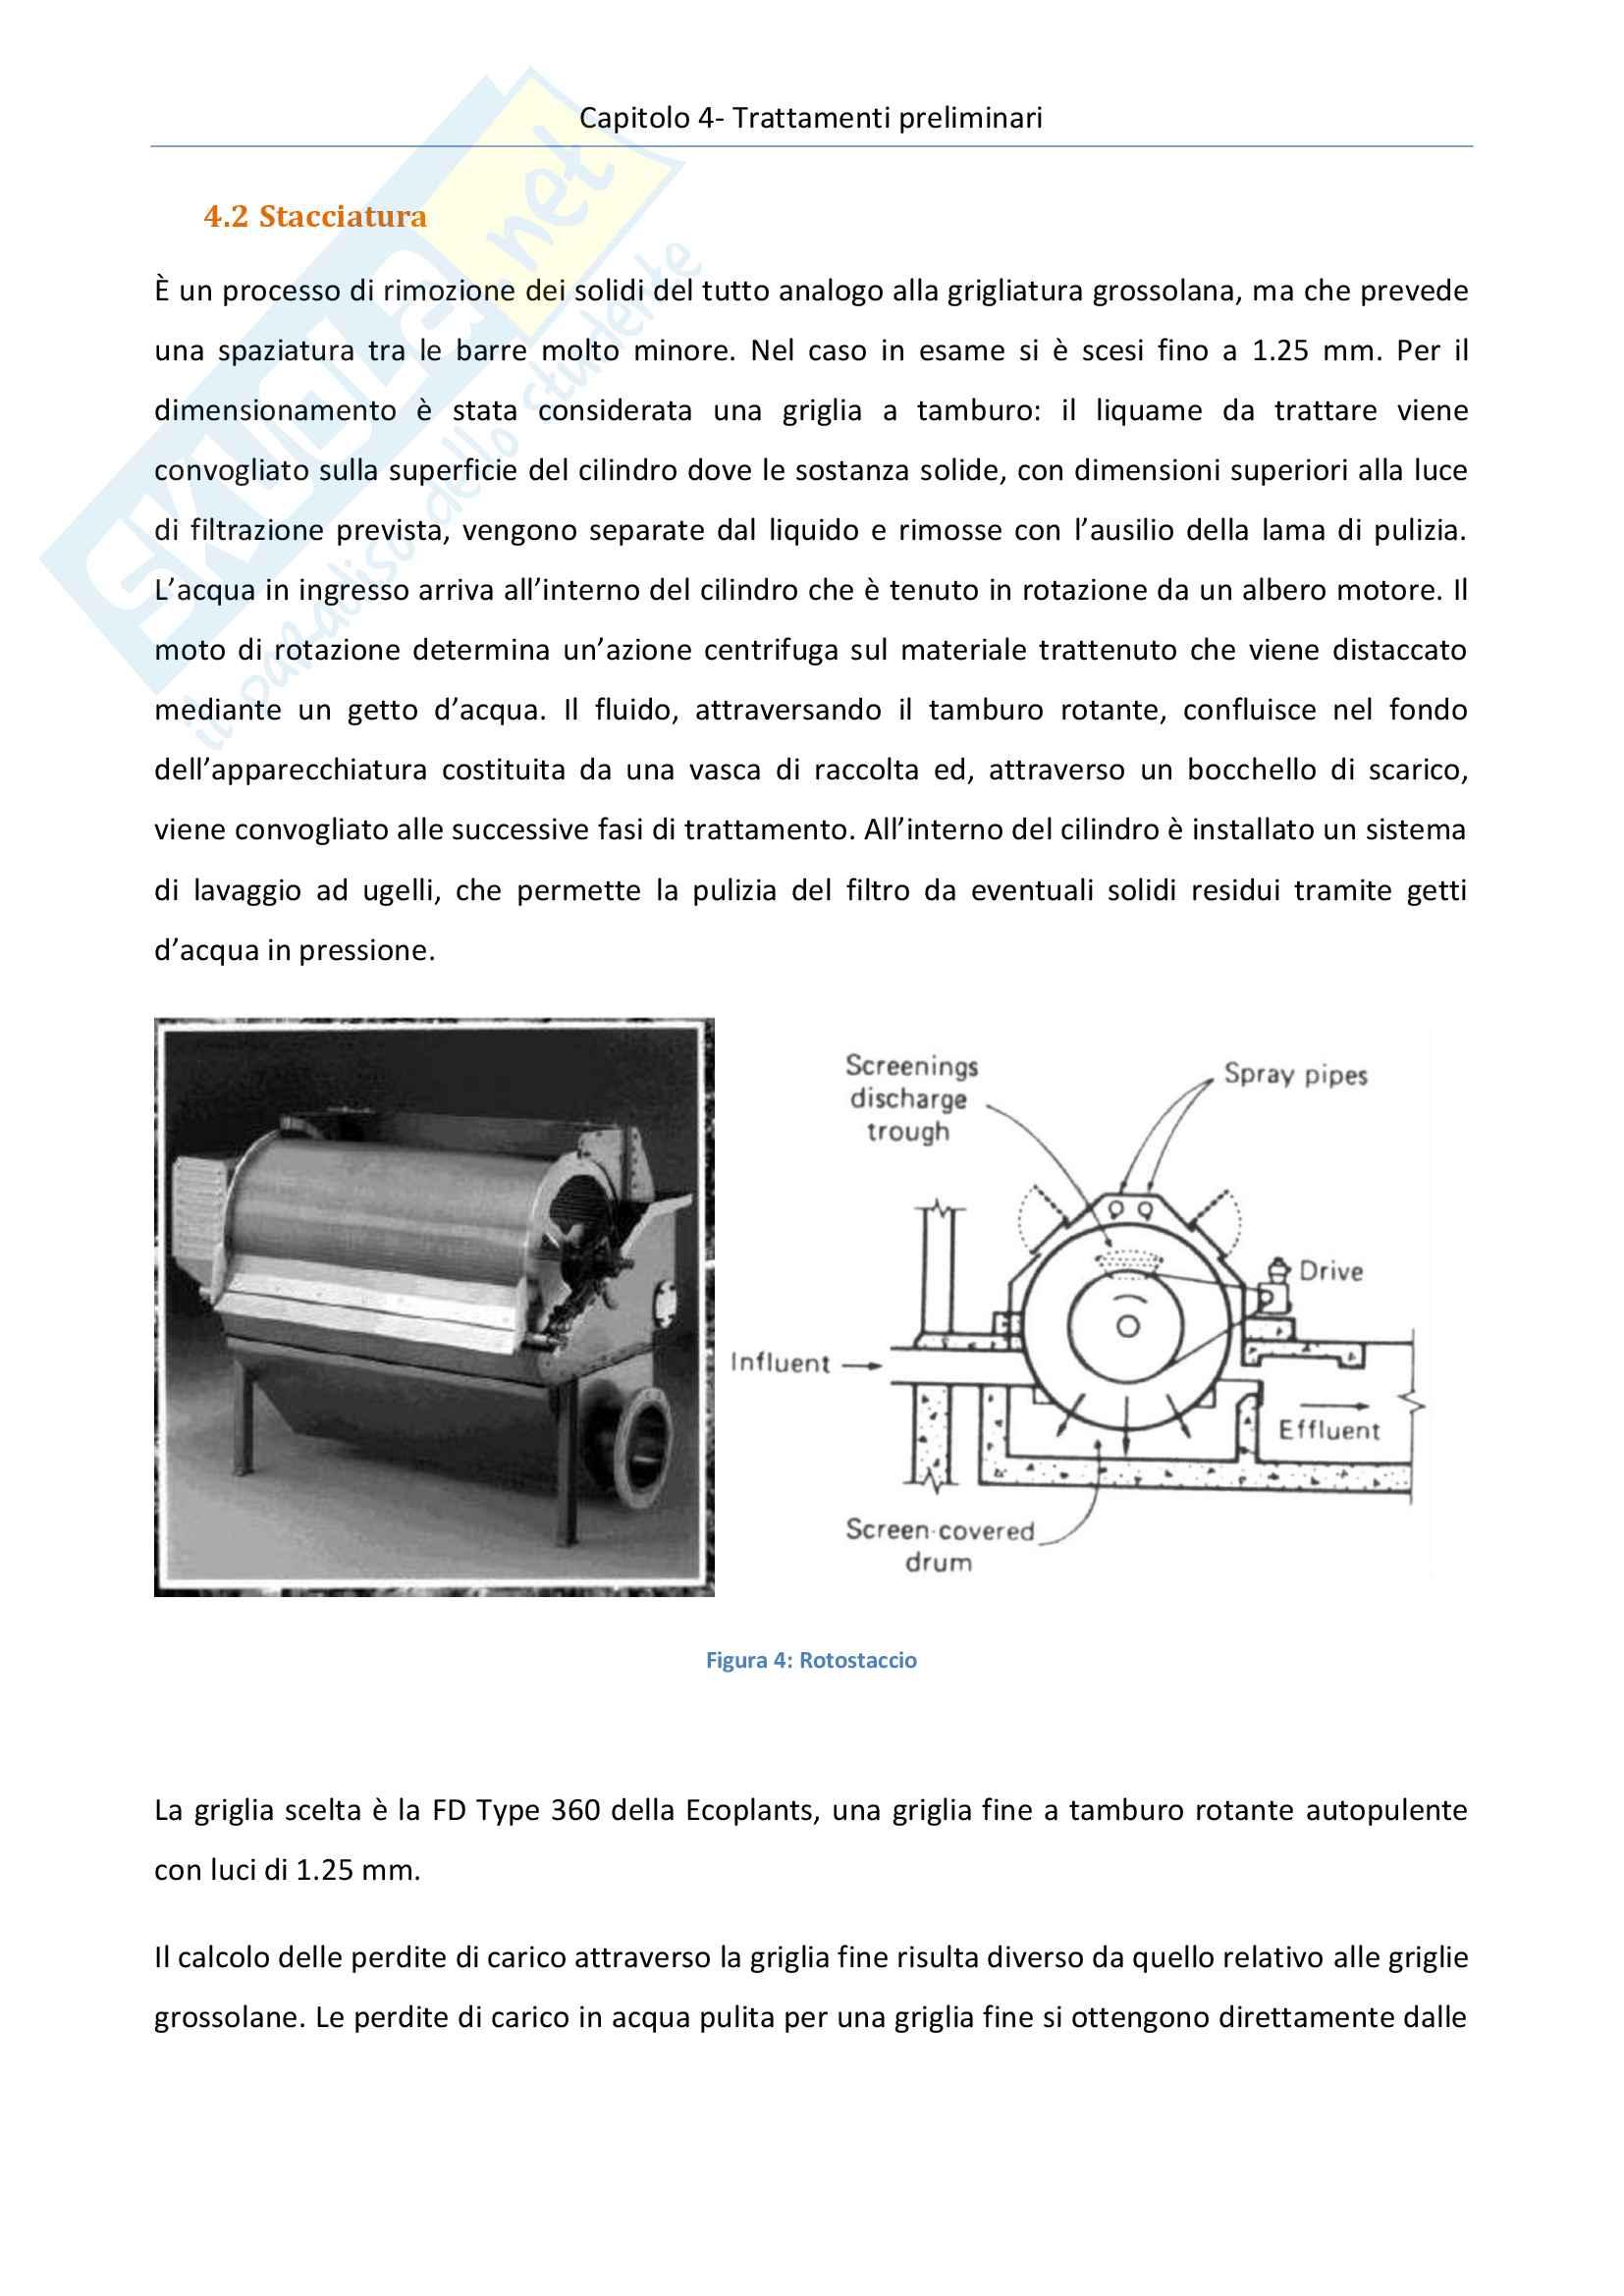 Impianti di trattamento acque e rifiuti - progetto di un impianto di depurazione di acque reflue urbane Pag. 26